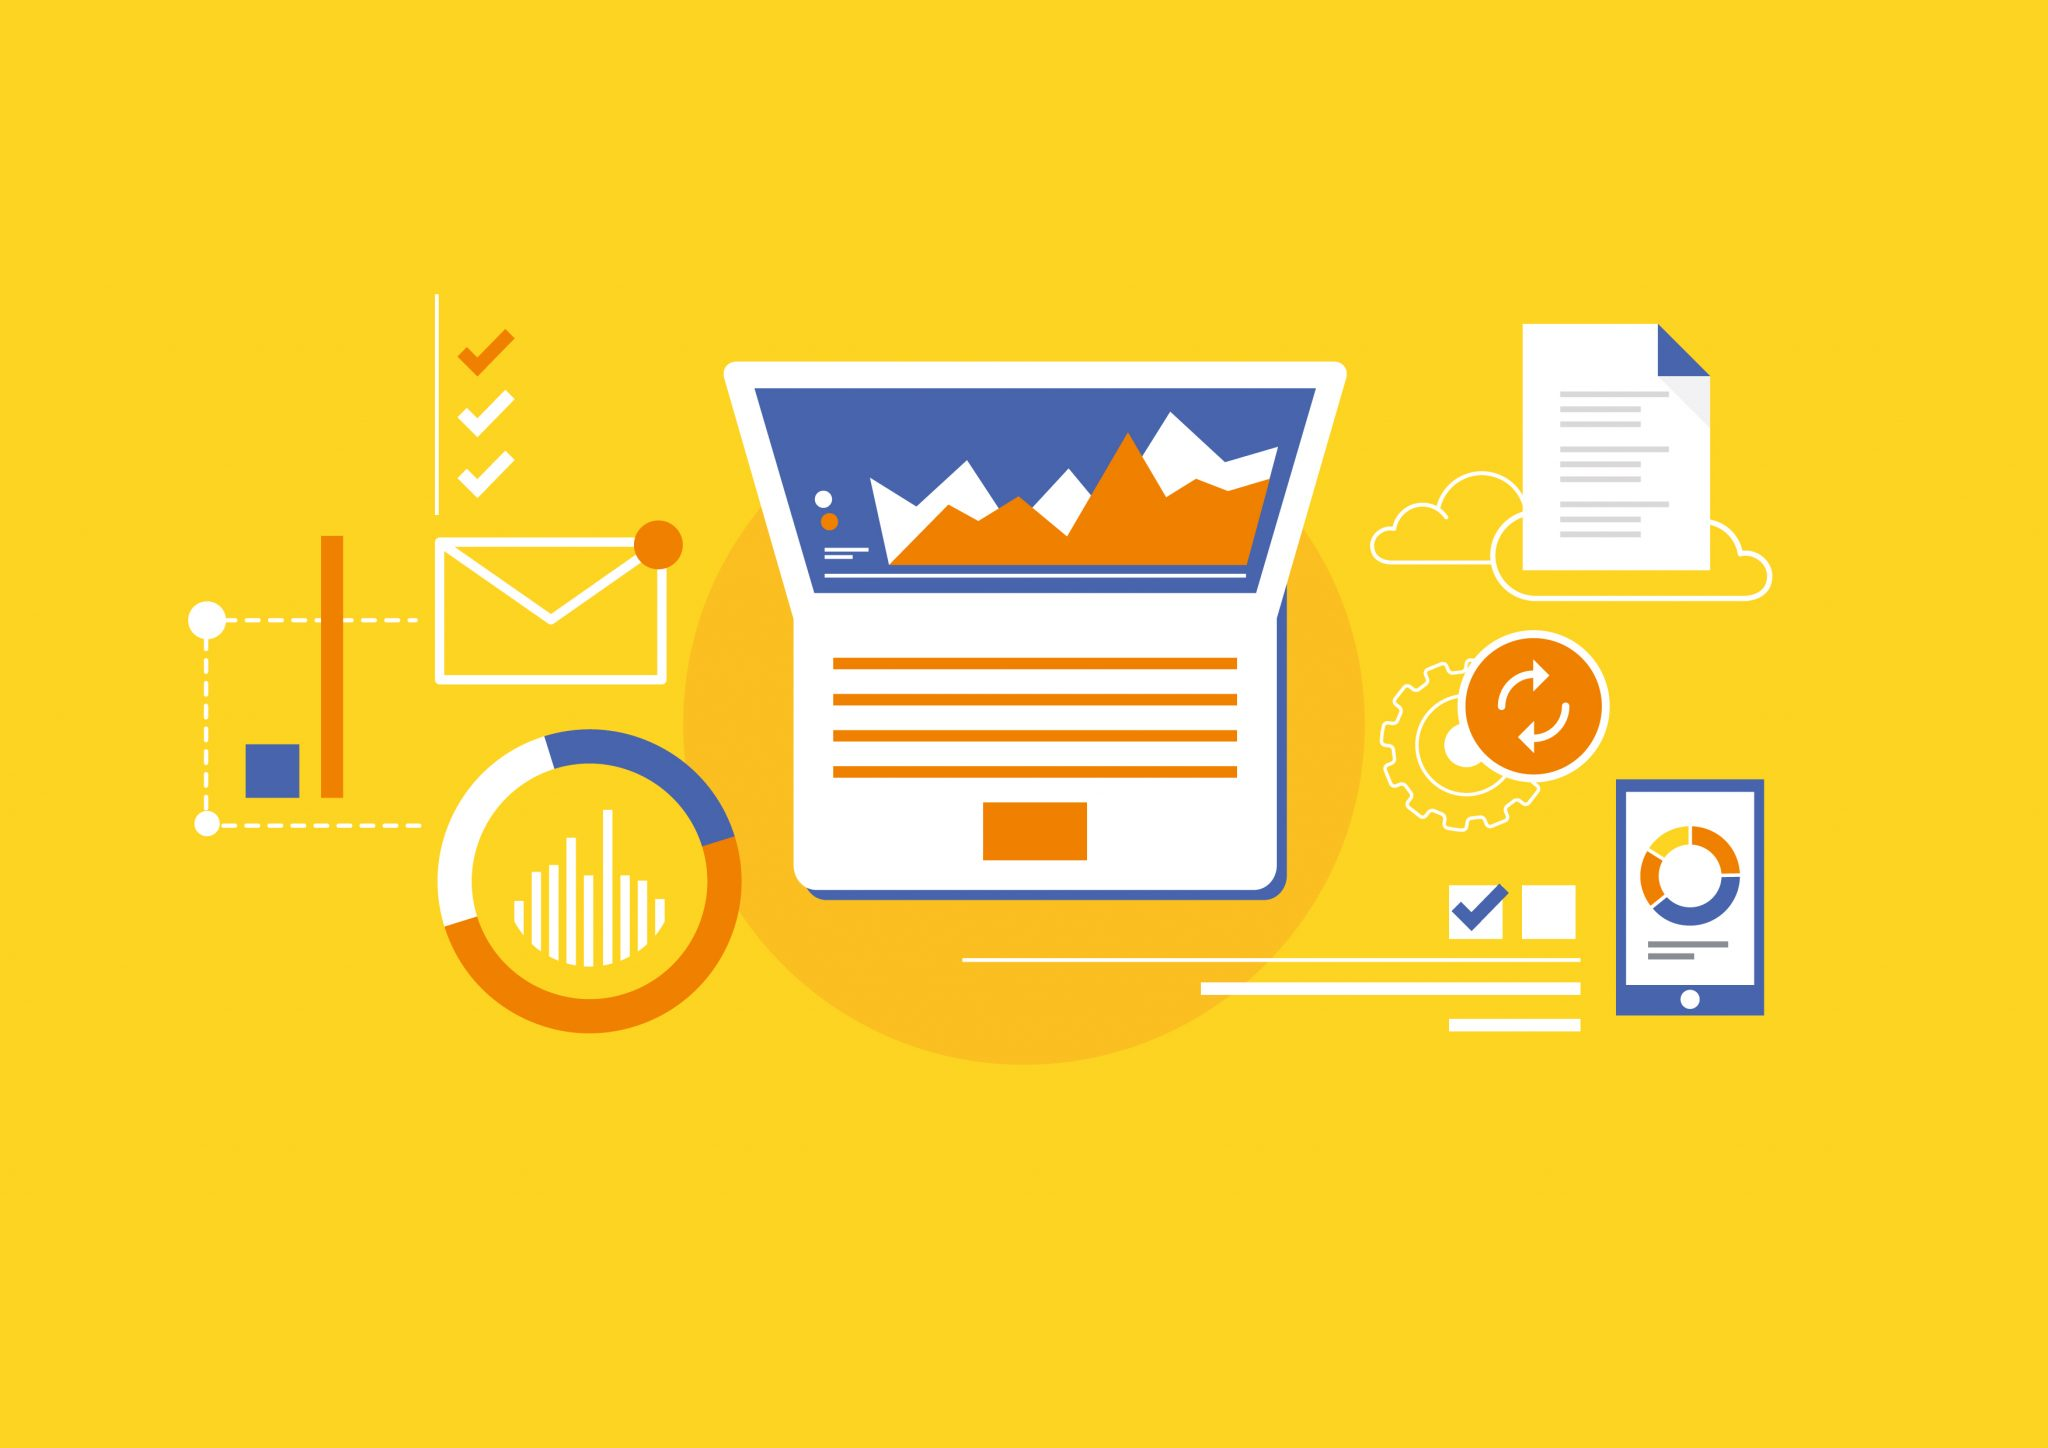 Tại sao nên đăng ký tên doanh nghiệp ở những trang Vàng Internet?